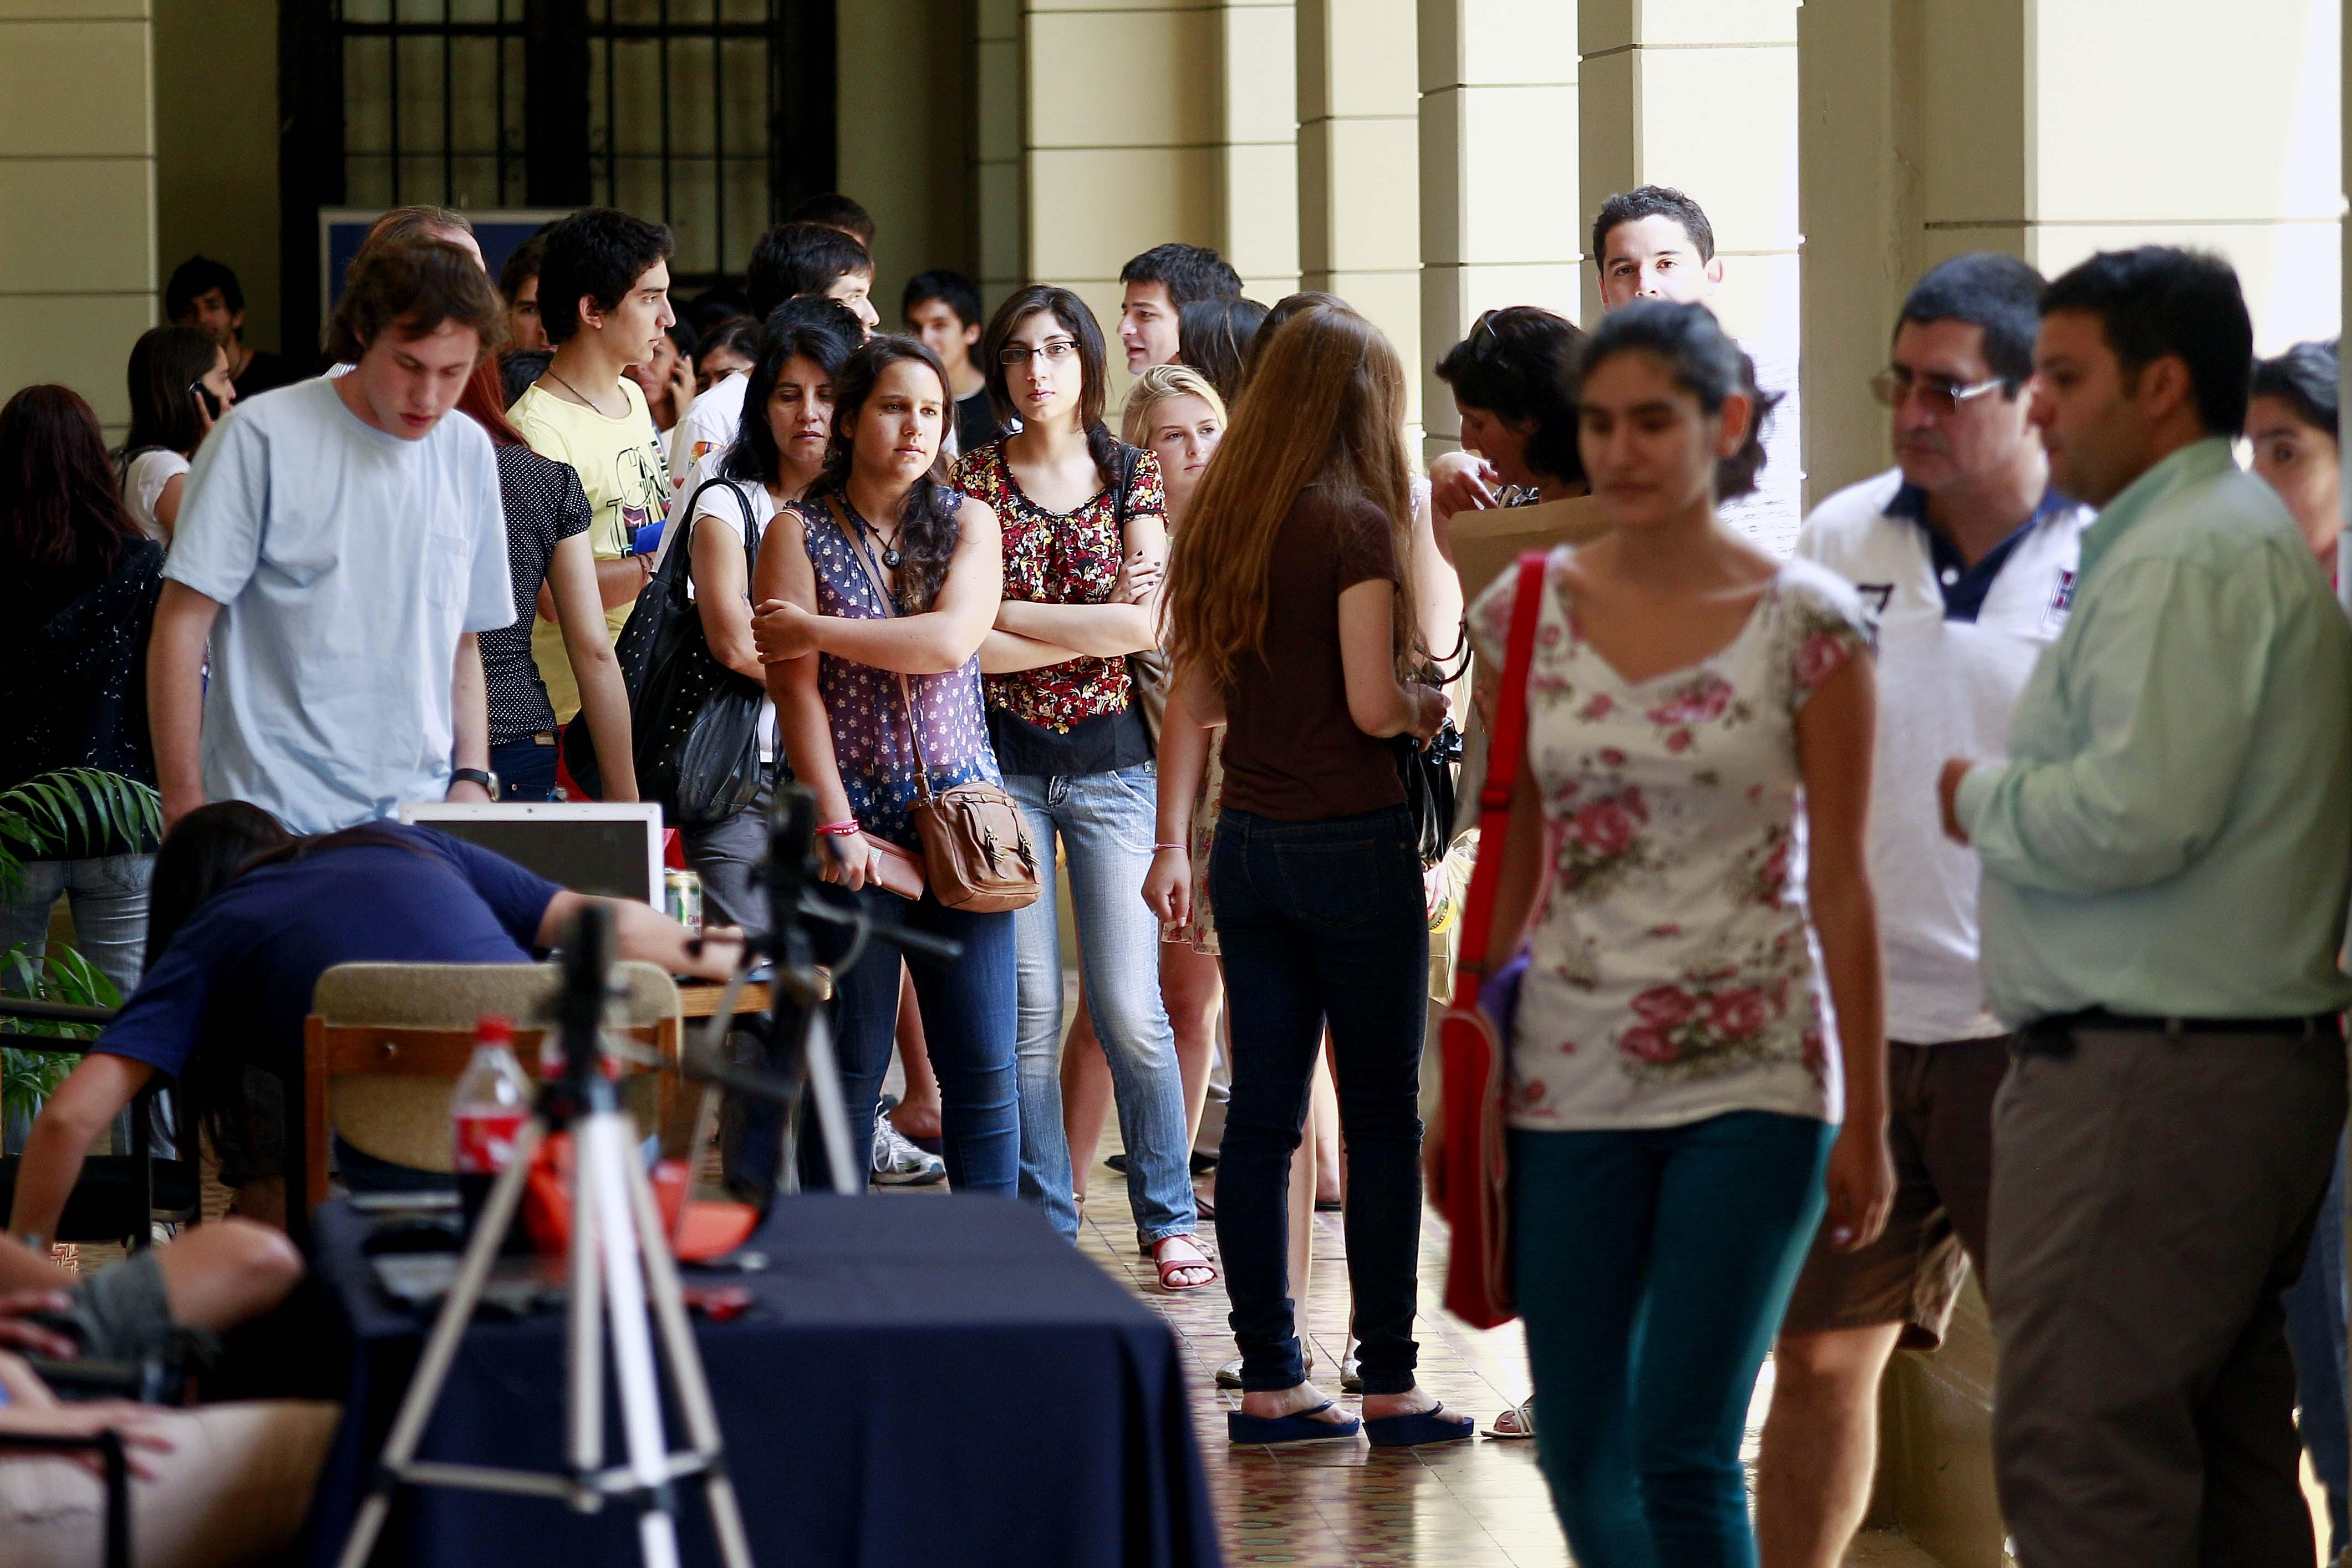 Las siete razones de Educación 2020 para aprobar la reforma a la educación superior